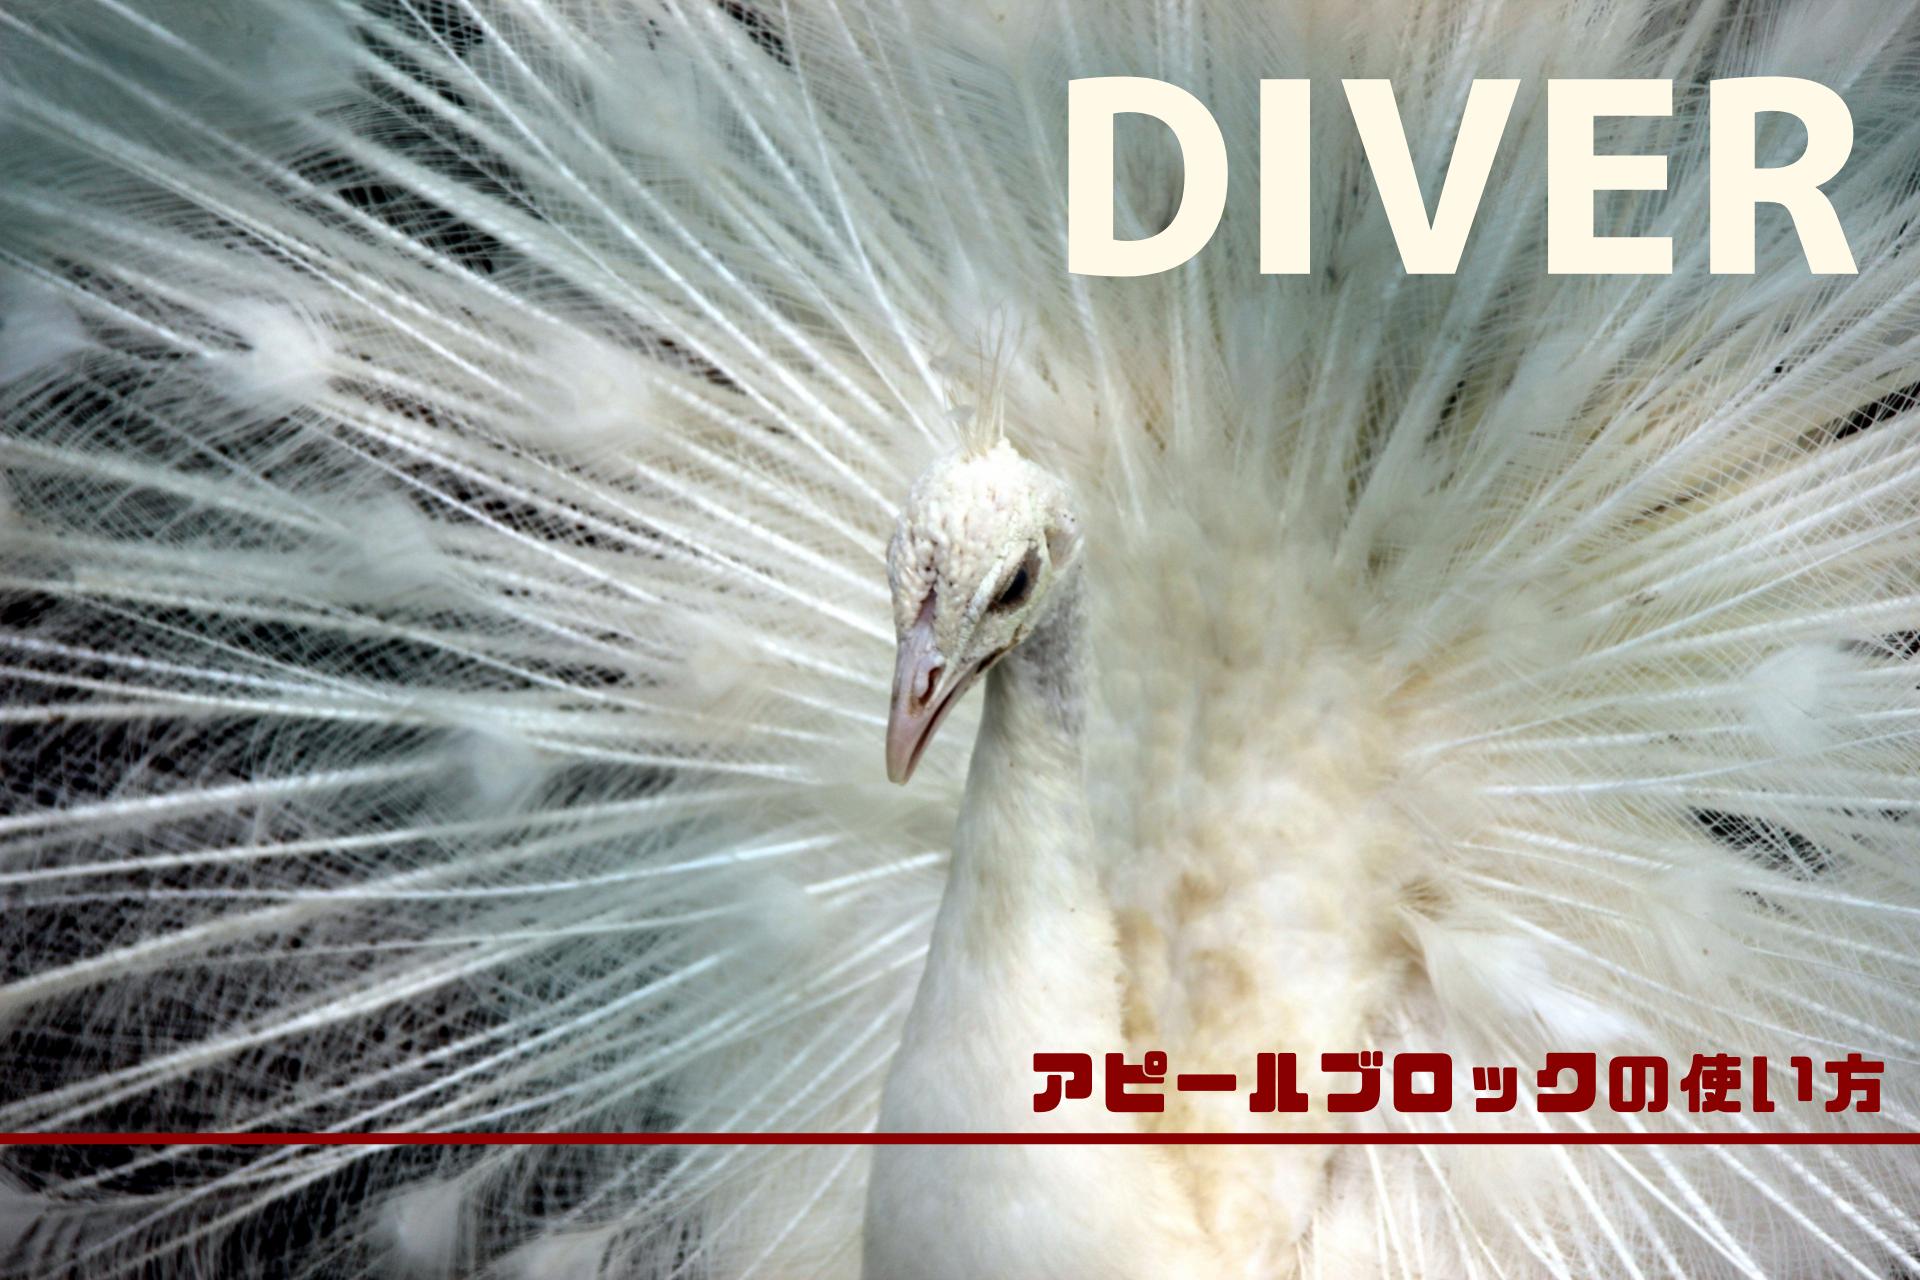 Diverでアフィリエイトの成約率を上げるアピールブロックの使い方